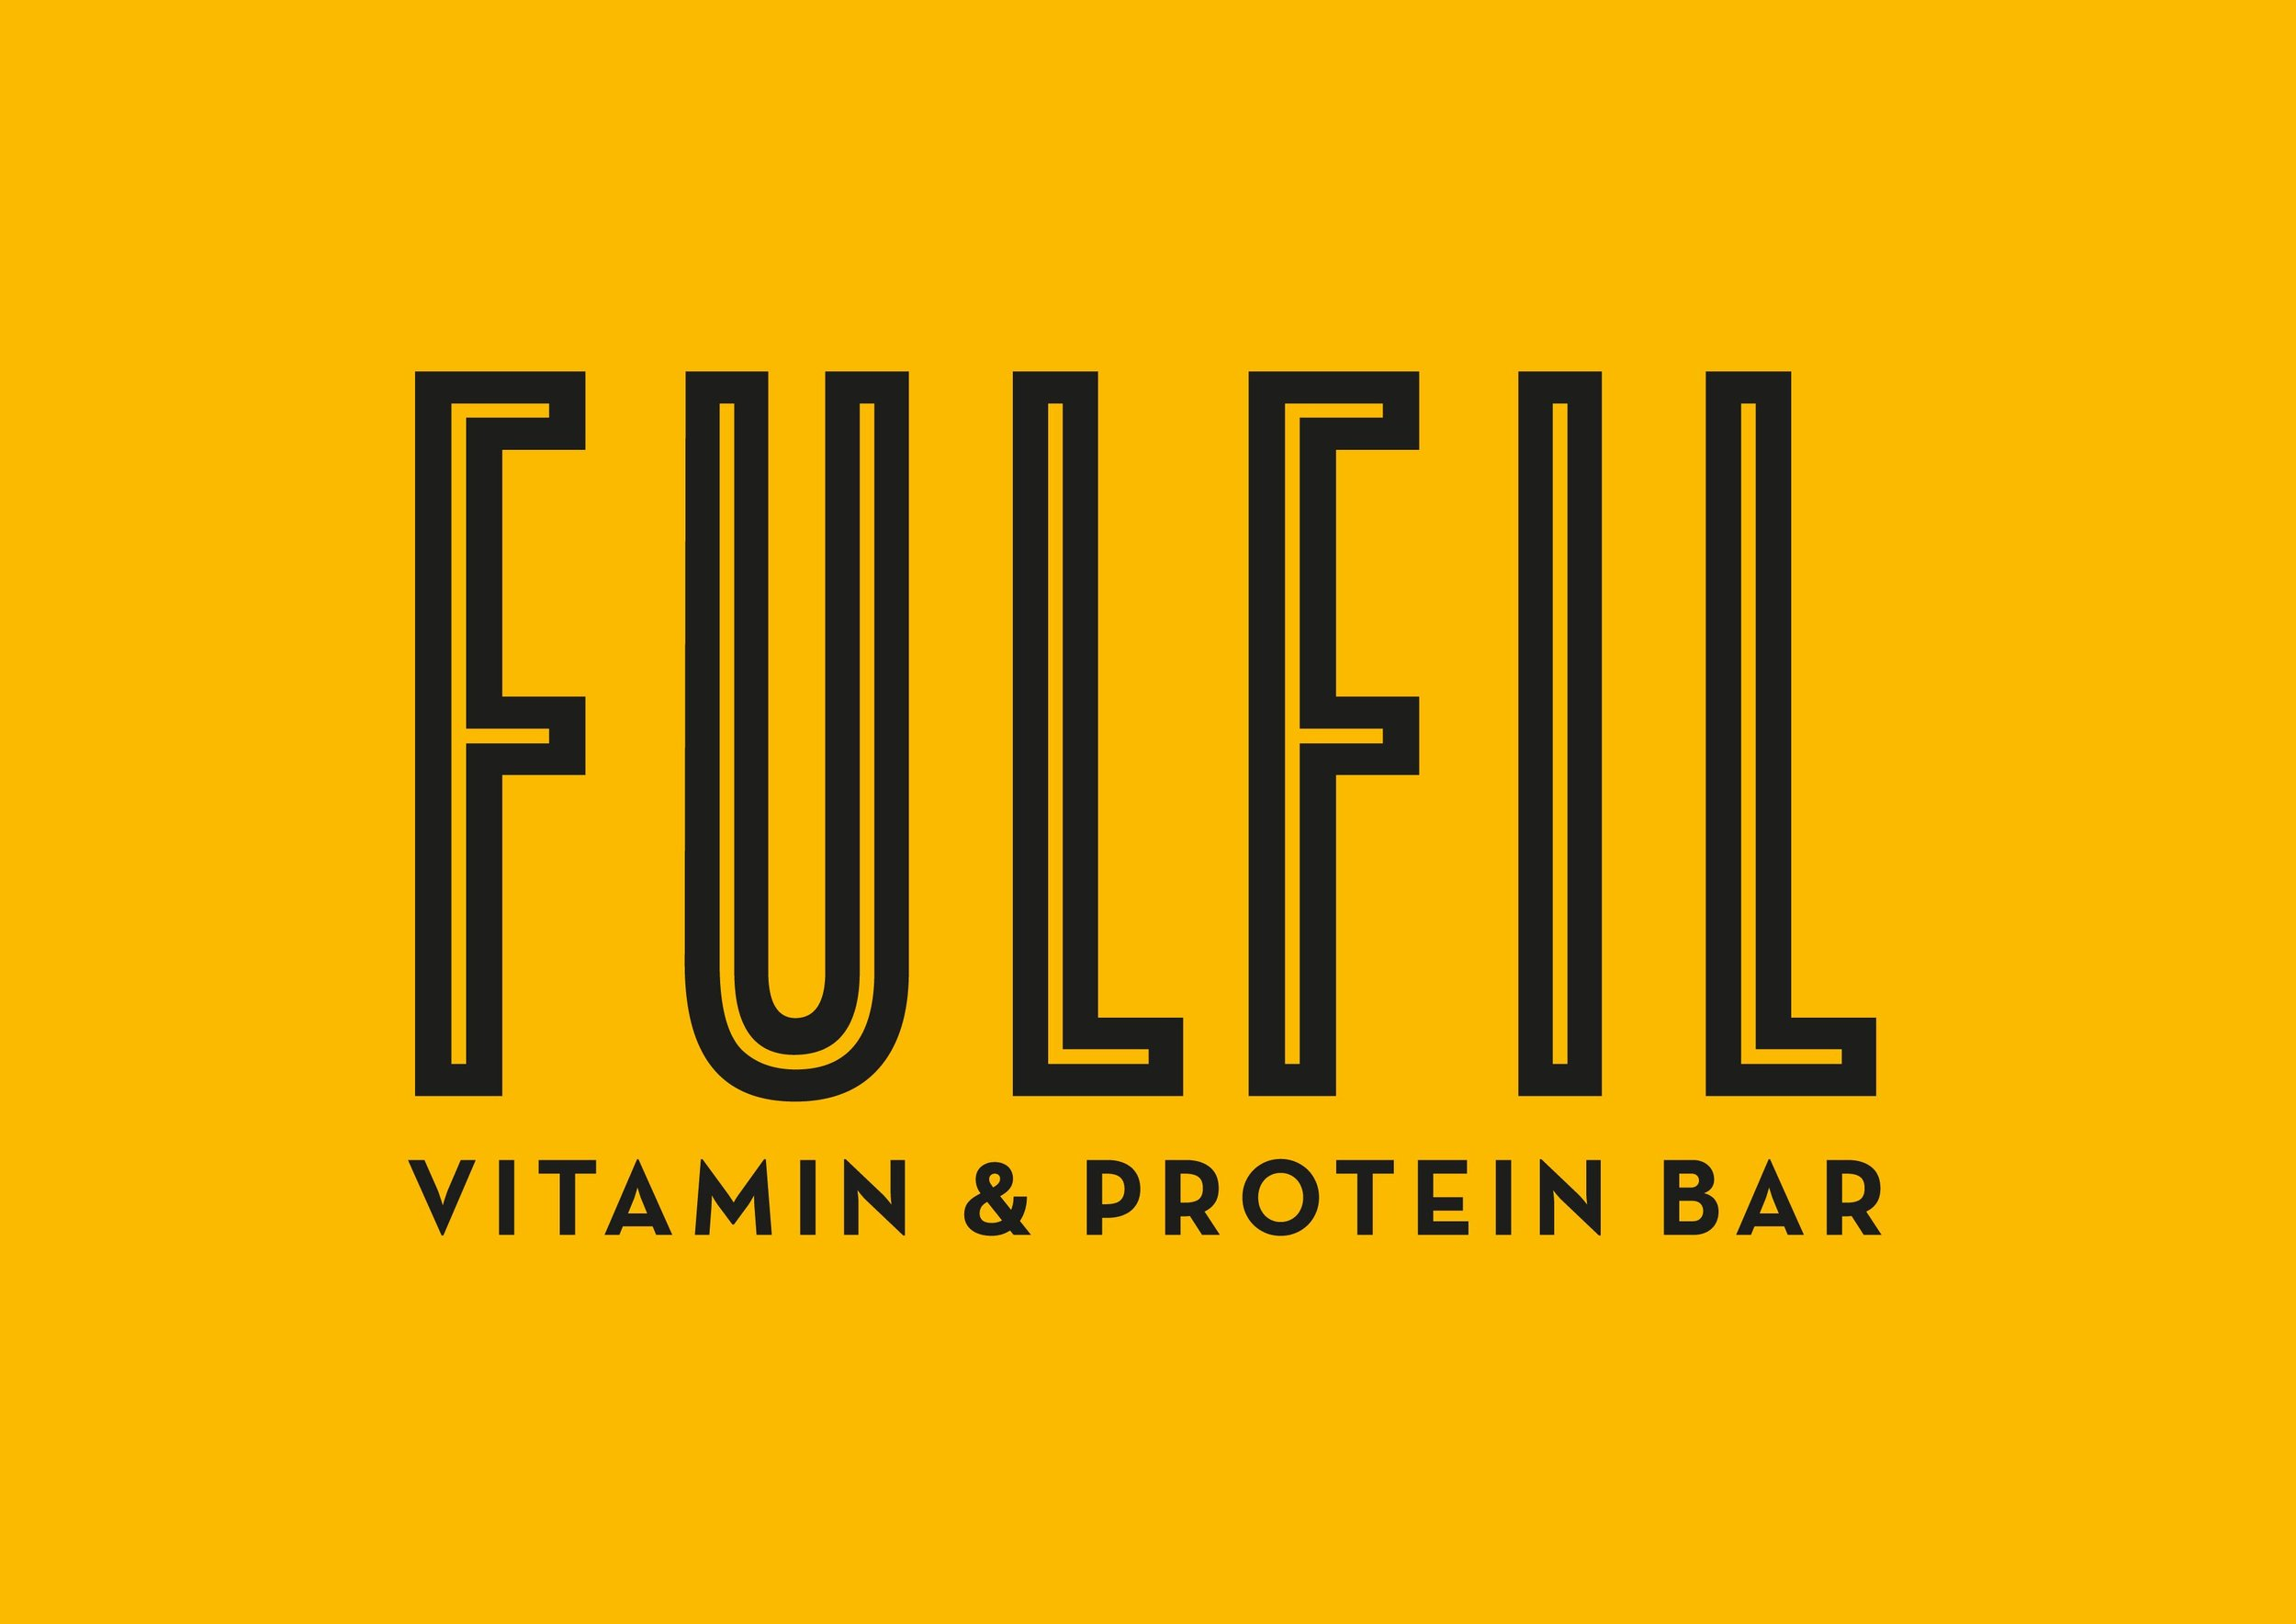 Fulfil Logo image 1.jpg